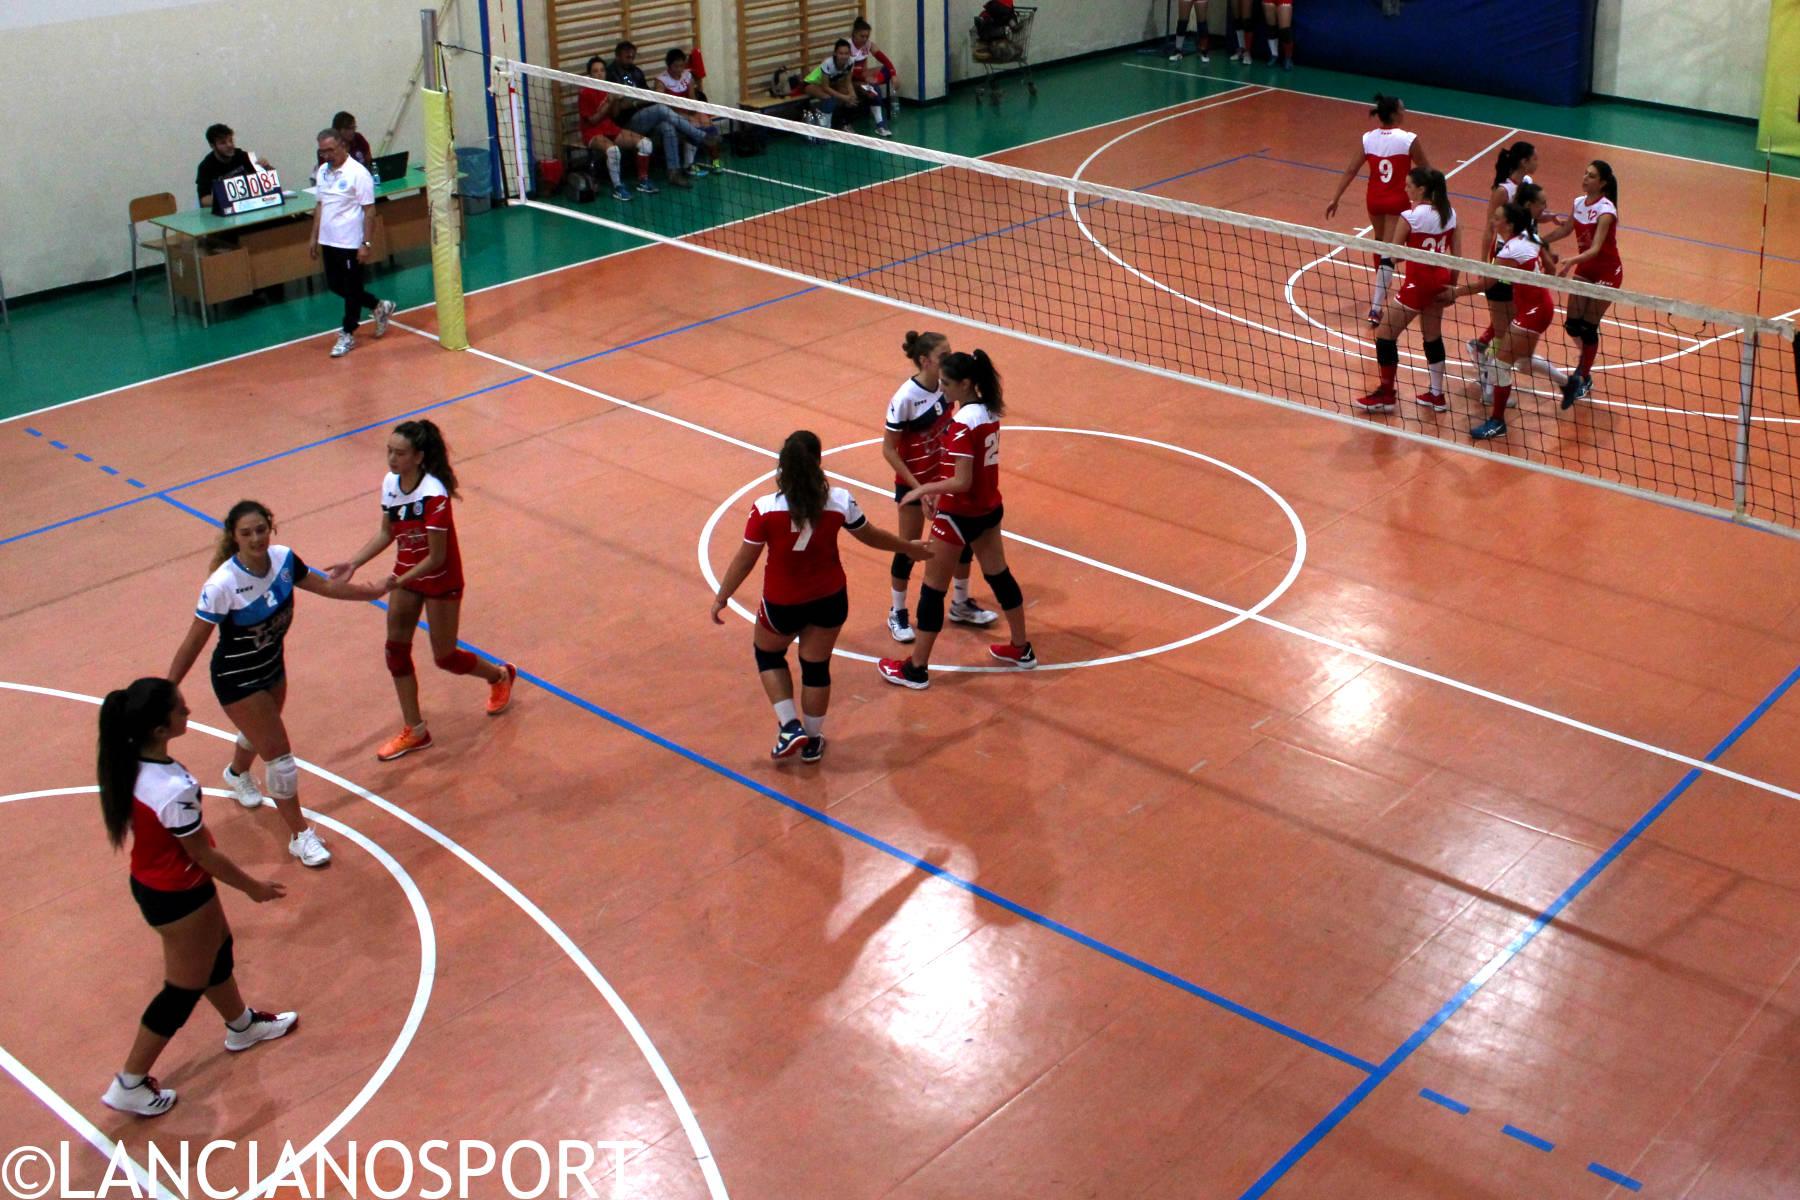 La Volleyball debutta con una sconfitta, Cedas supera Crecchio